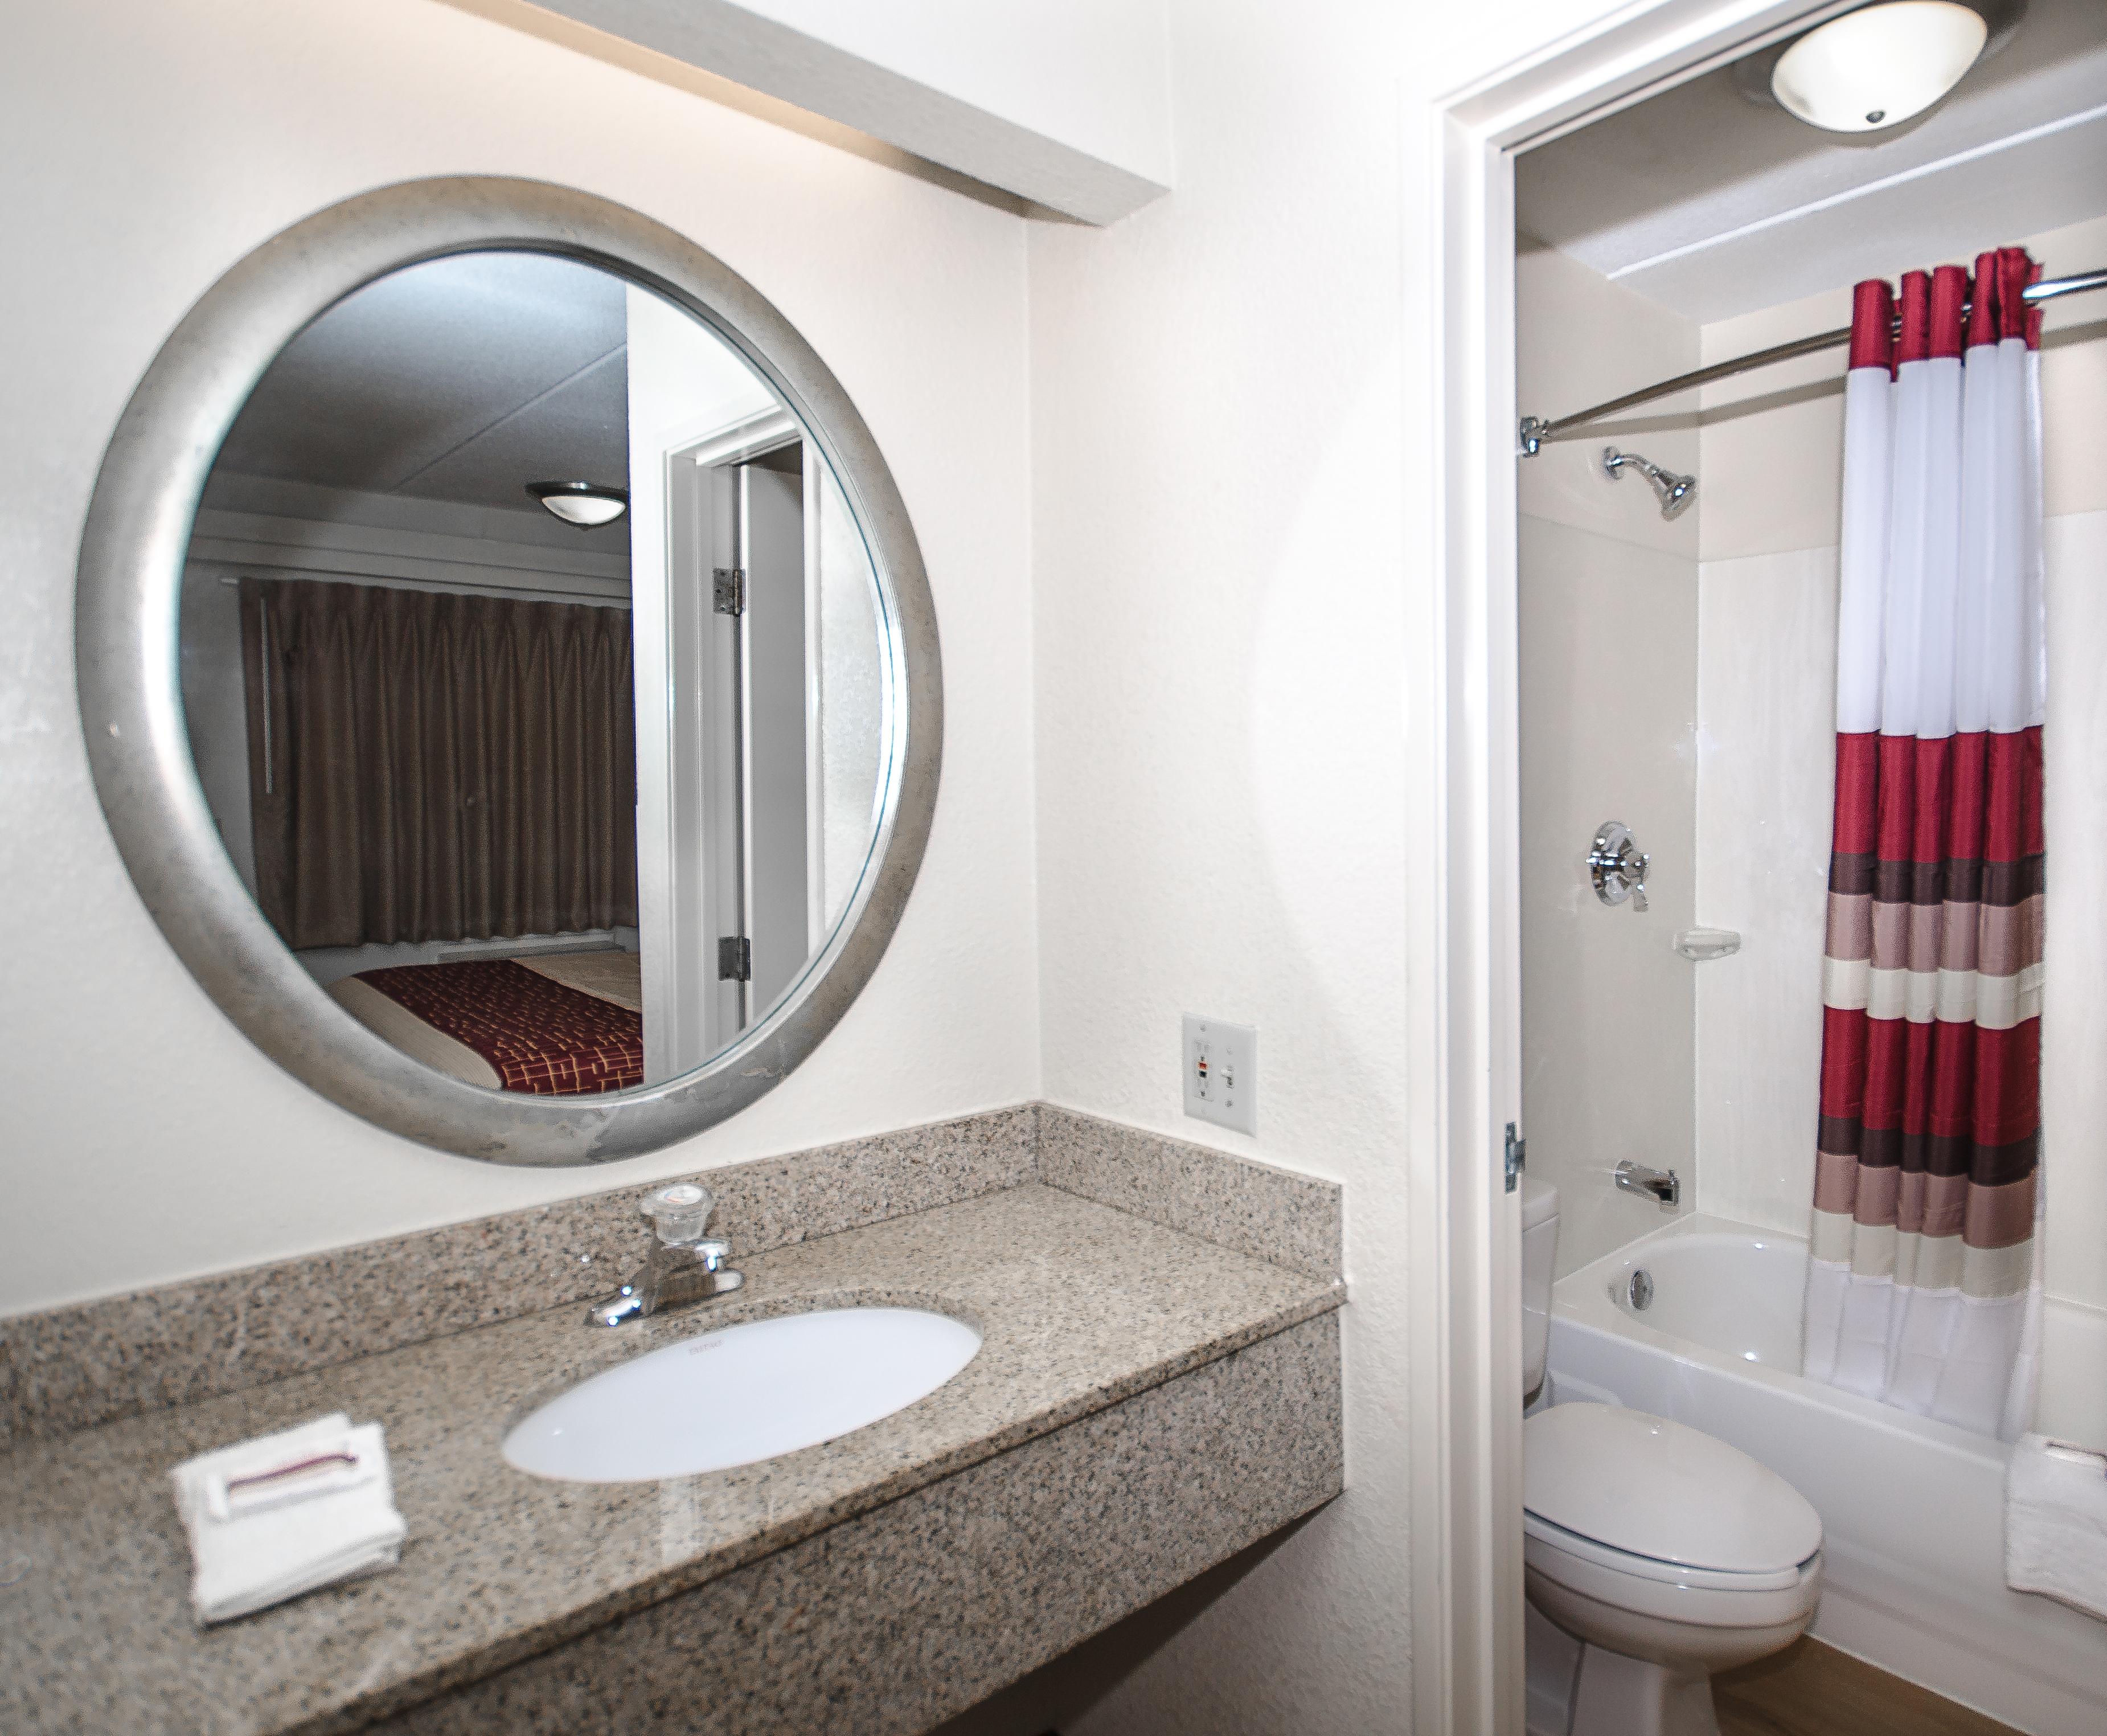 165-vanity-bath.jpg